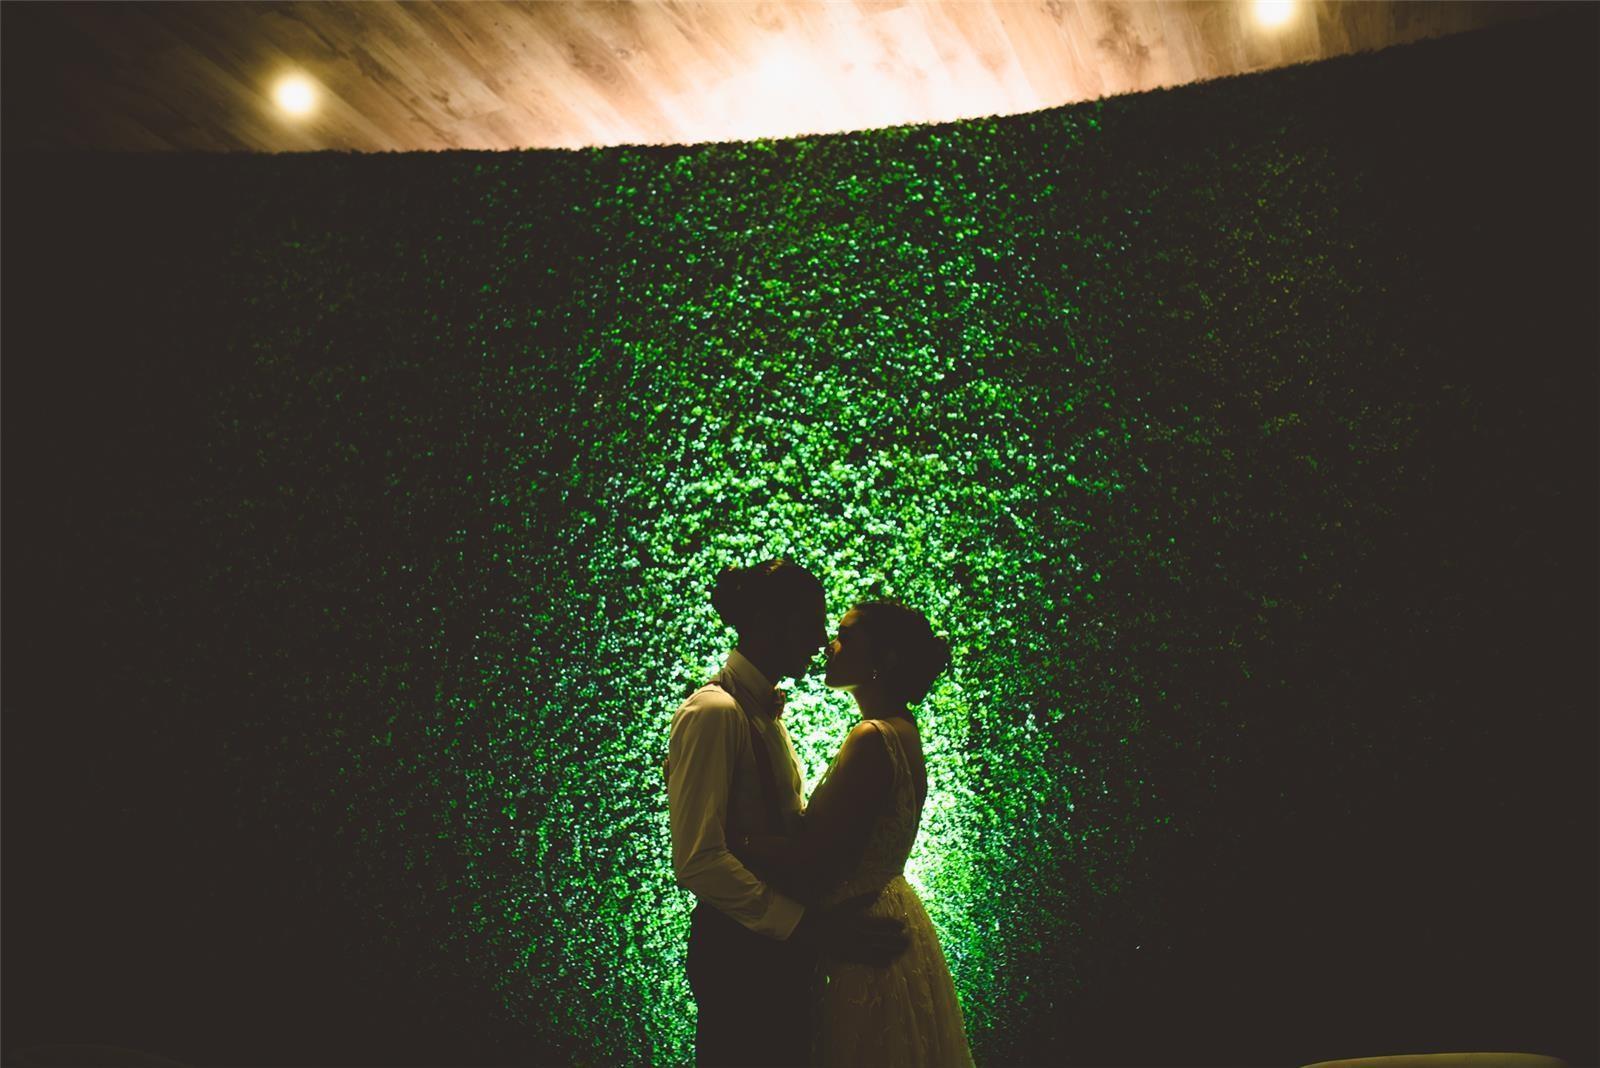 גשם? ברכה: שווה להתחתן דווקא בחורף, מקום לחגוג, 14